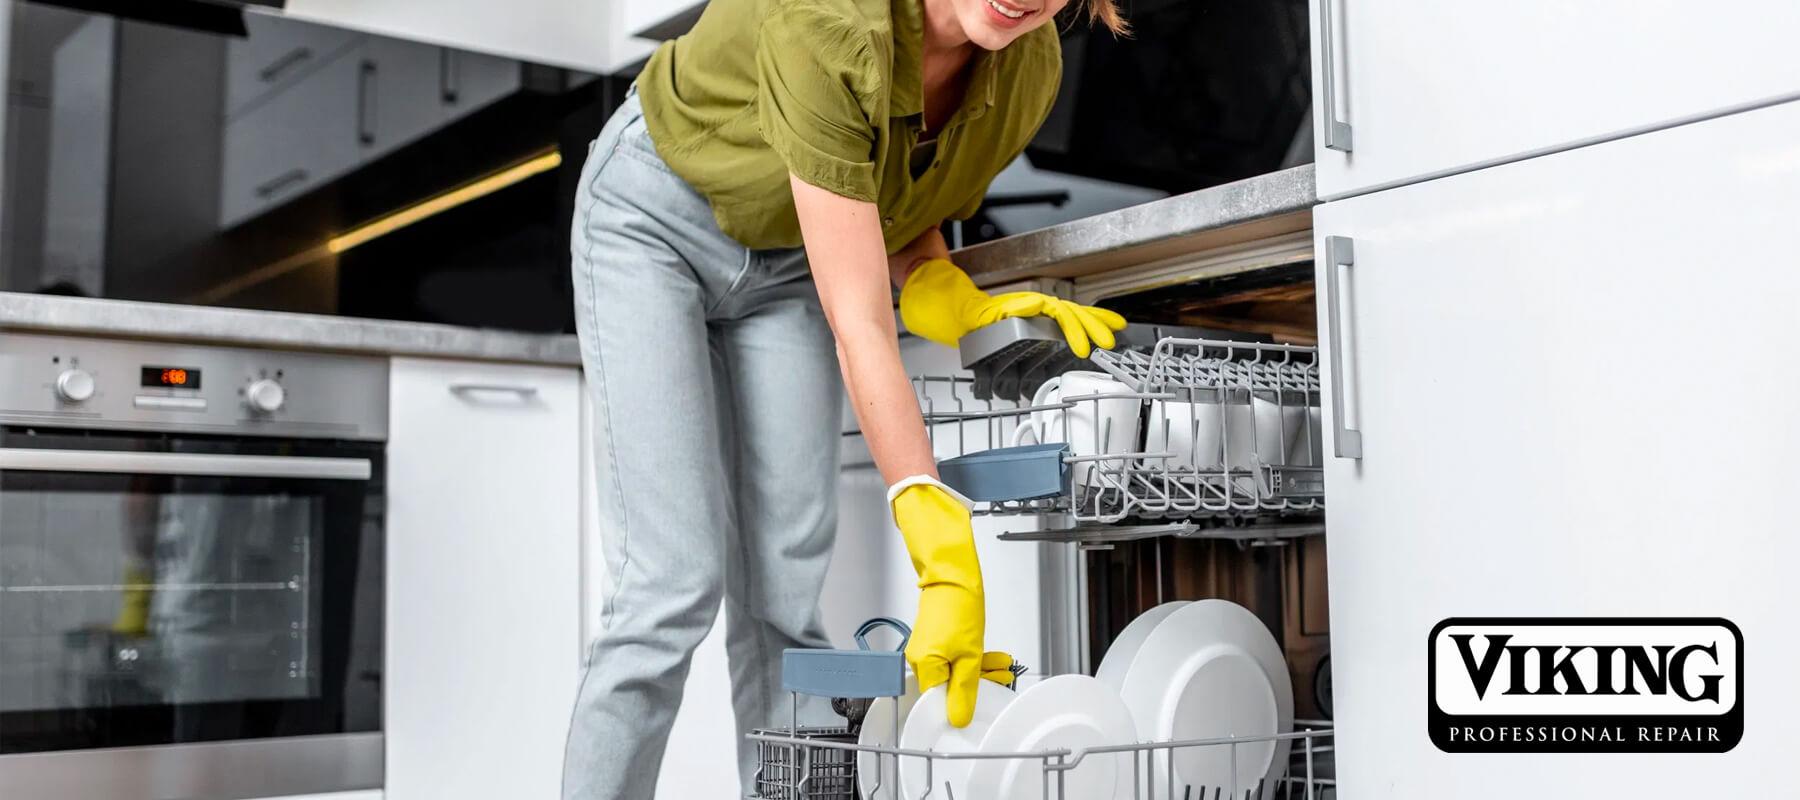 Certified Viking Appliance Repair Rancho Santa Fe | Professional Viking Repair